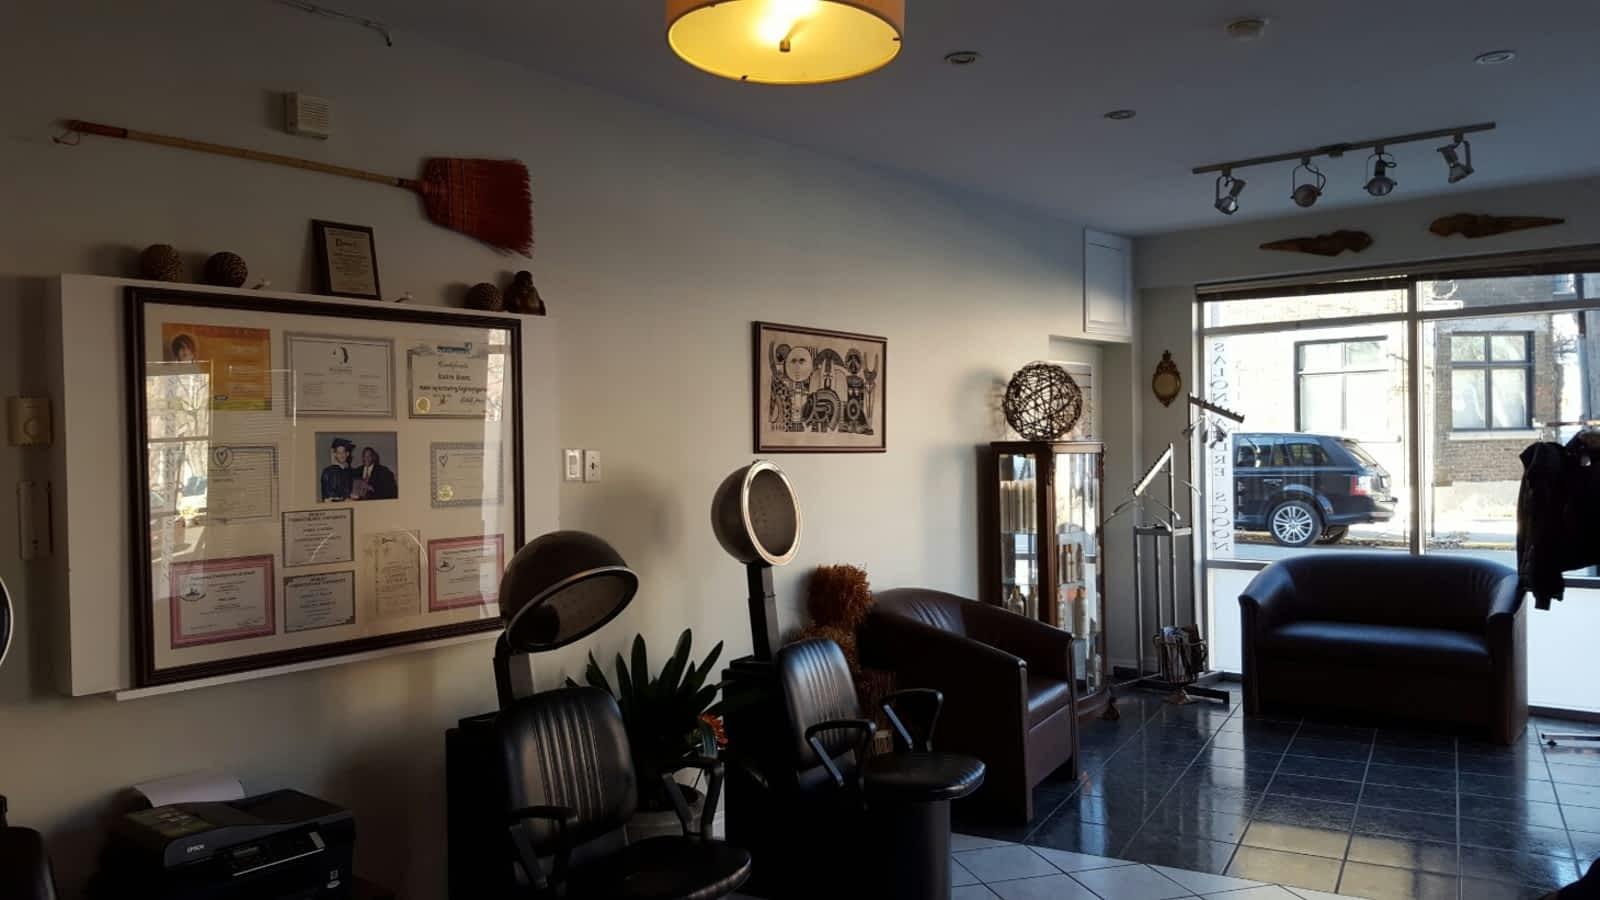 Salon de coiffure andr scoon horaire d 39 ouverture 1250 rue charlevoix montr al qc - Ouverture salon de coiffure ...